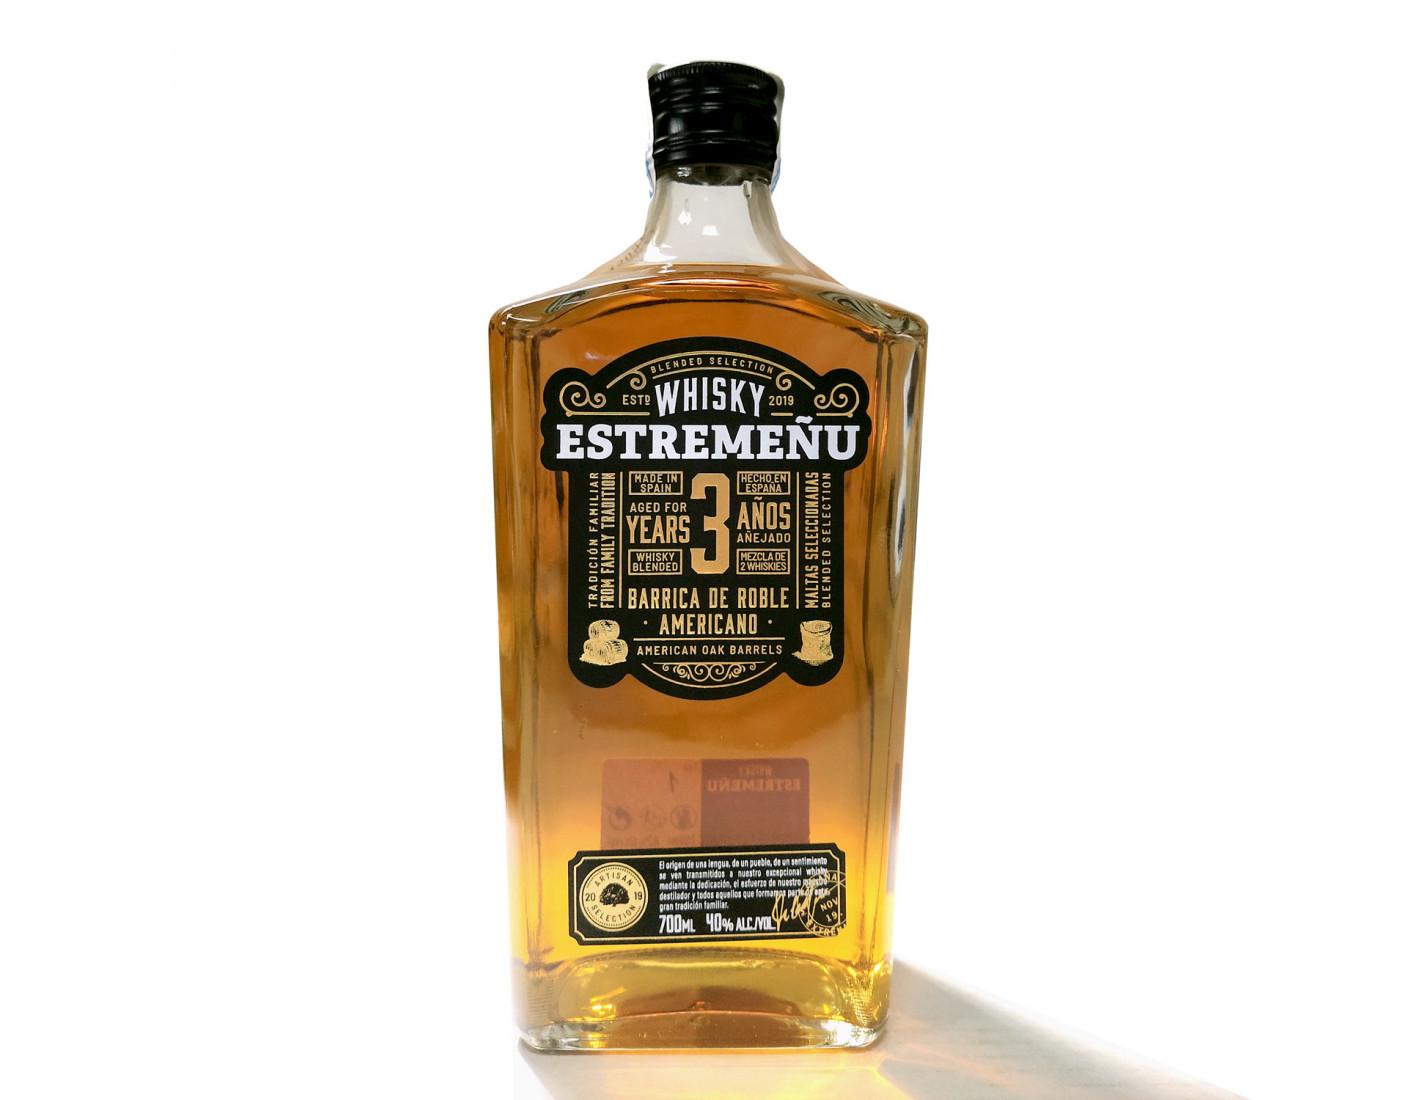 Whisky Estremeñu 700 ml Blended Selección Superior 36 meses